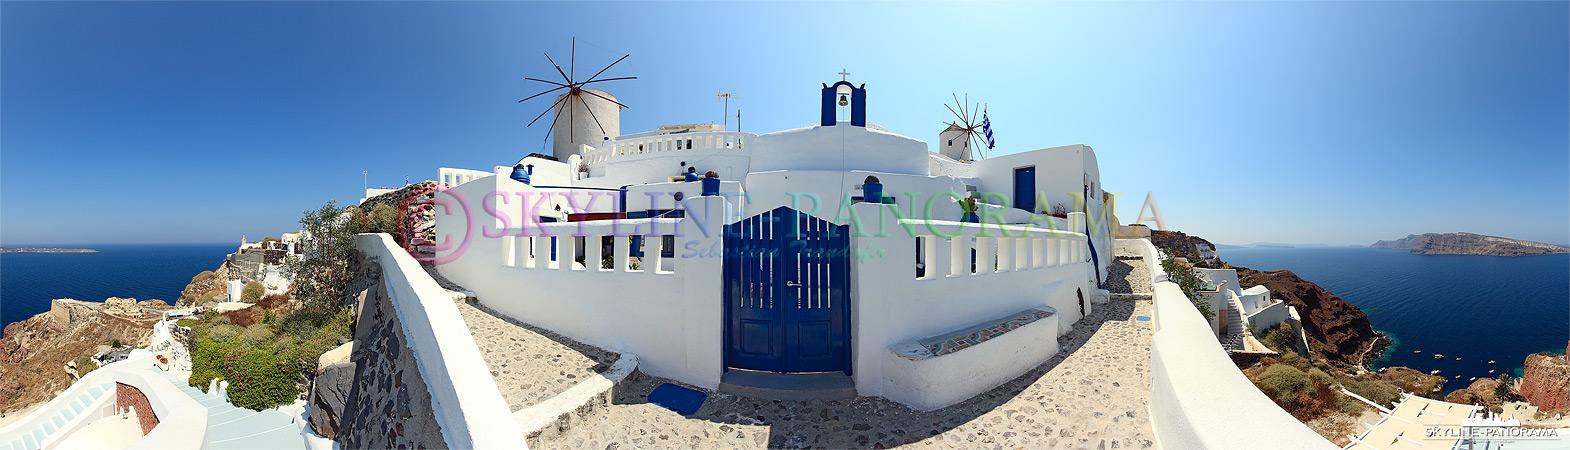 Windmühlen von Griechenland